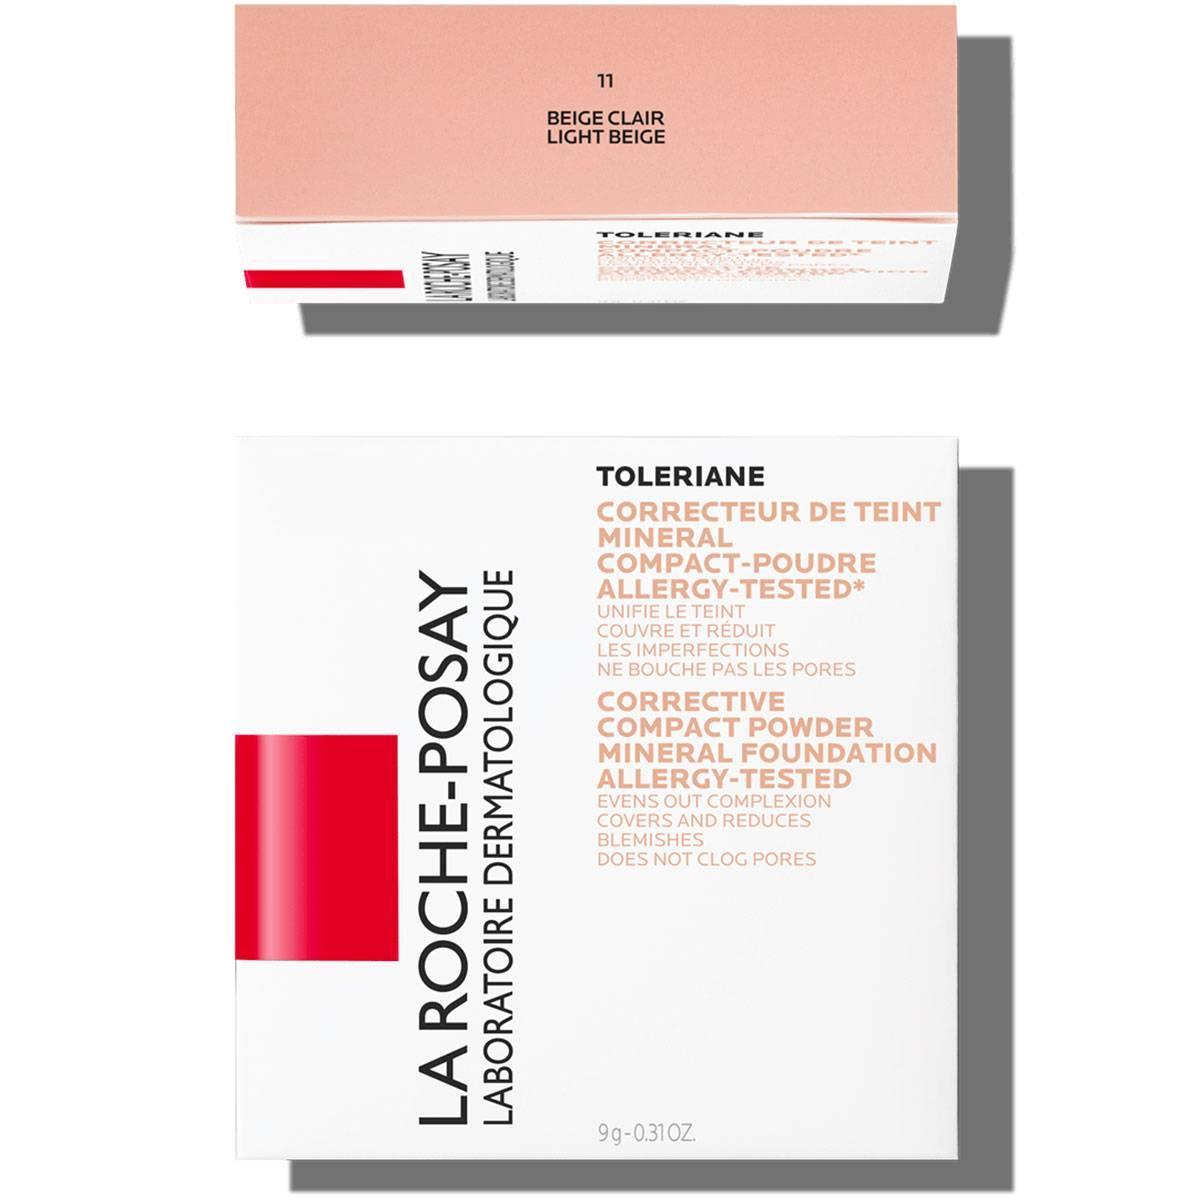 Toleriane Make up COMPACT POWDER 11 LightBeige   La Roche Posay